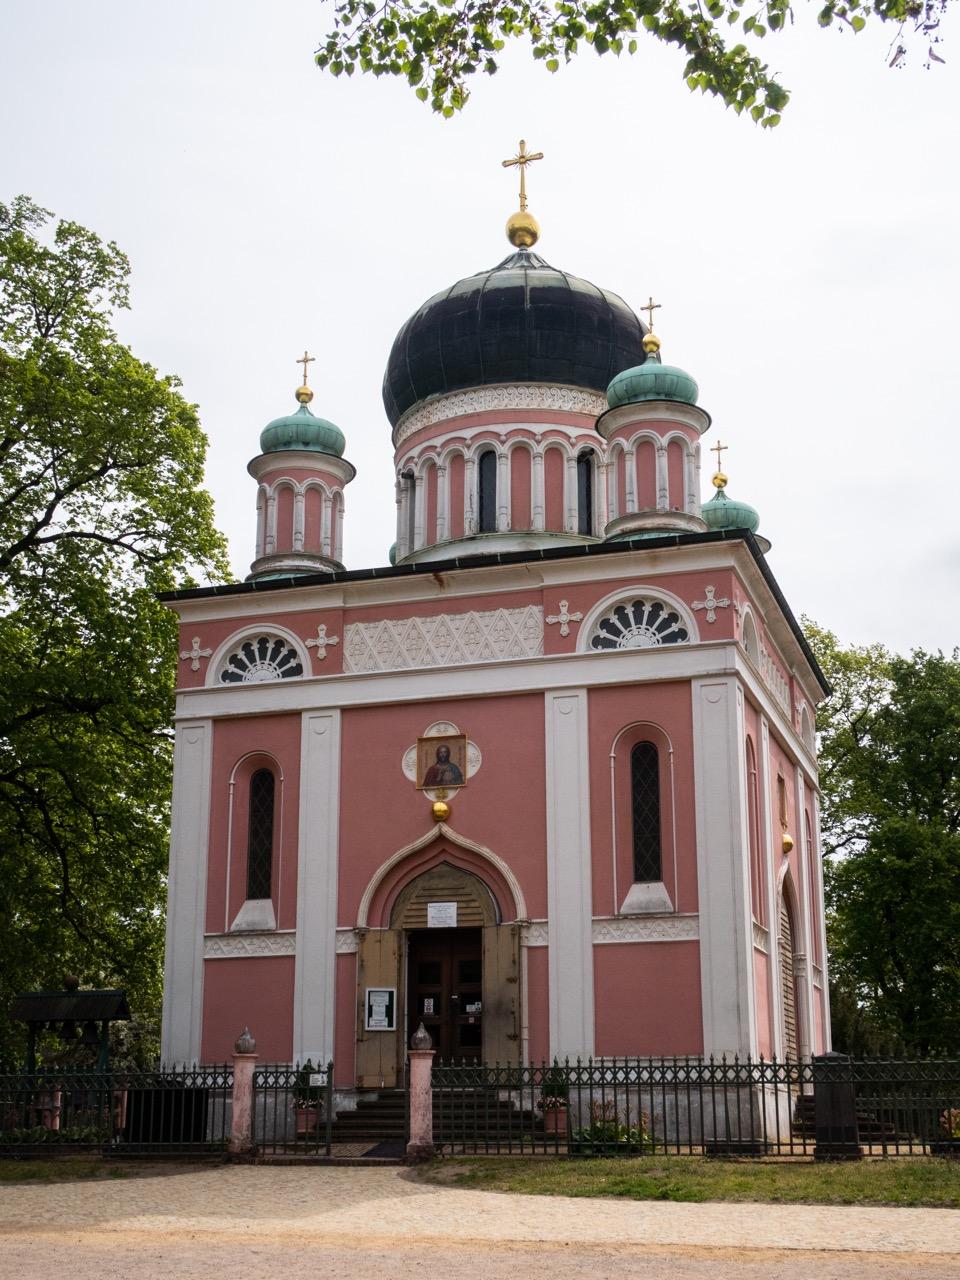 Außenansicht von Westen mit Eingangsportal